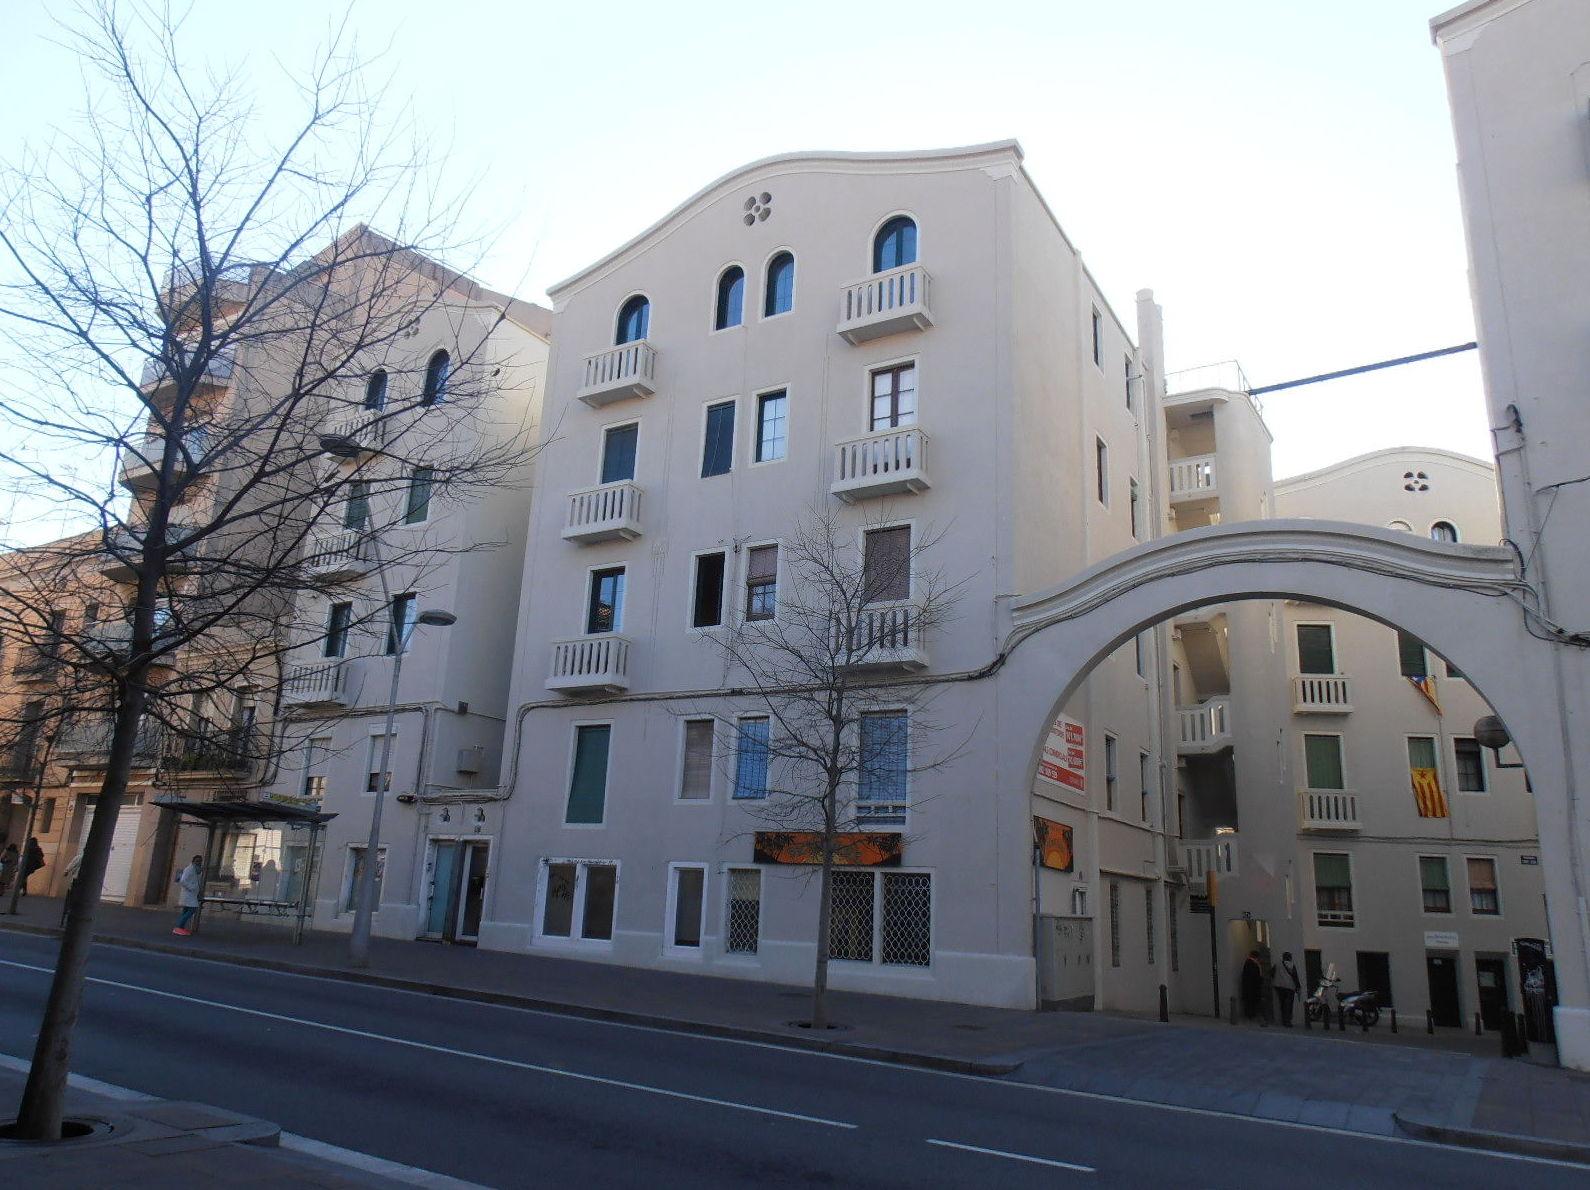 Venta de pisos en Sant Feliu de Llobregat